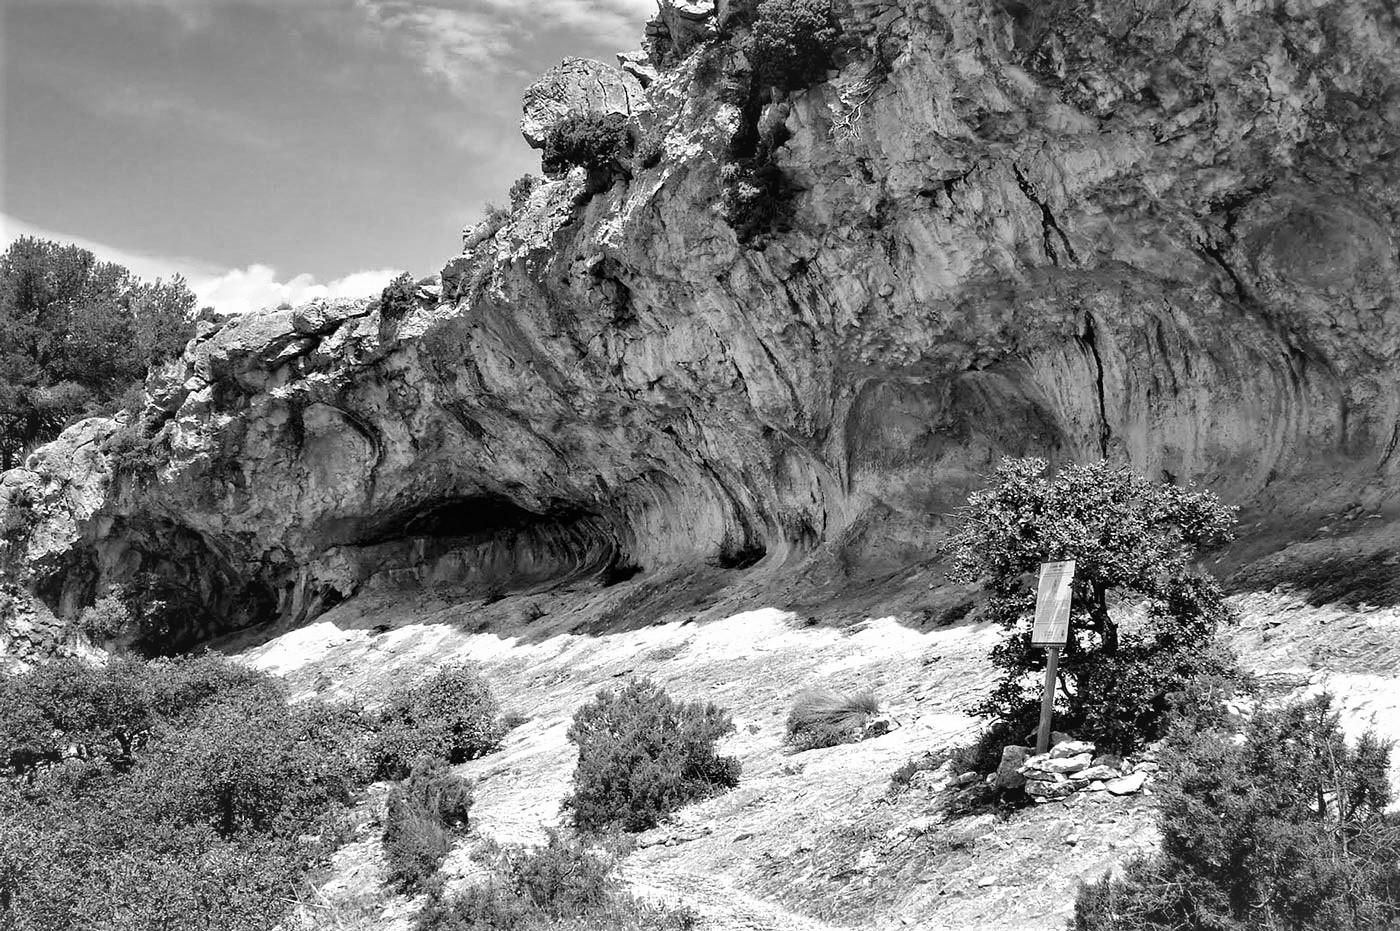 Les set coves